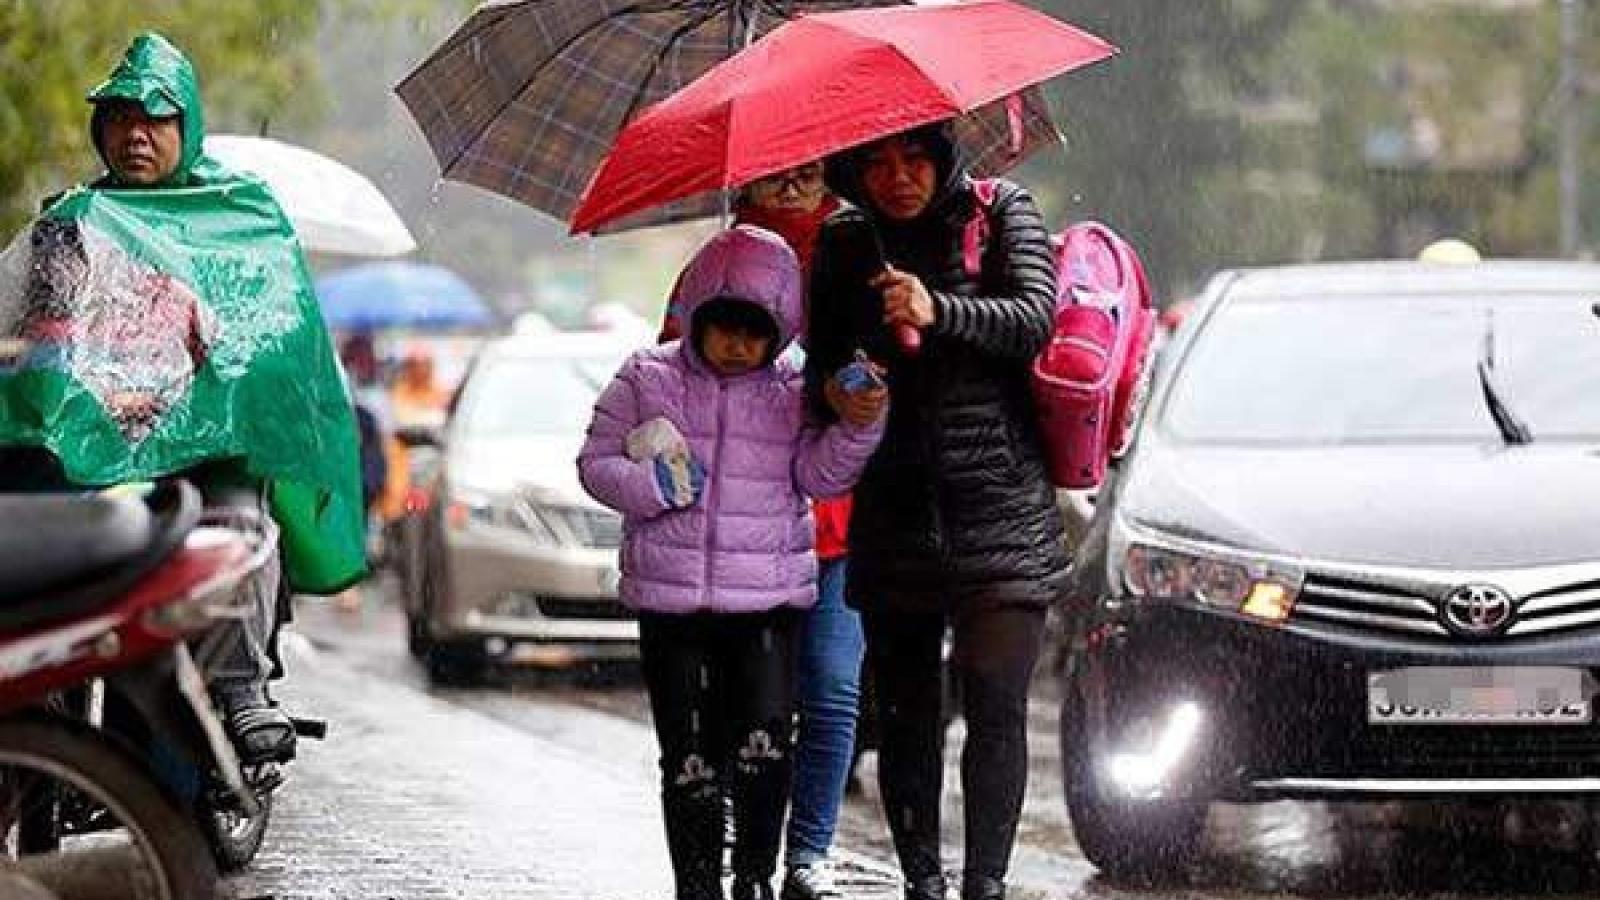 Thời tiết ngày 29/1: Hà Nội mưa phùn, nhiệt độ giảm sâu toàn miền Bắc